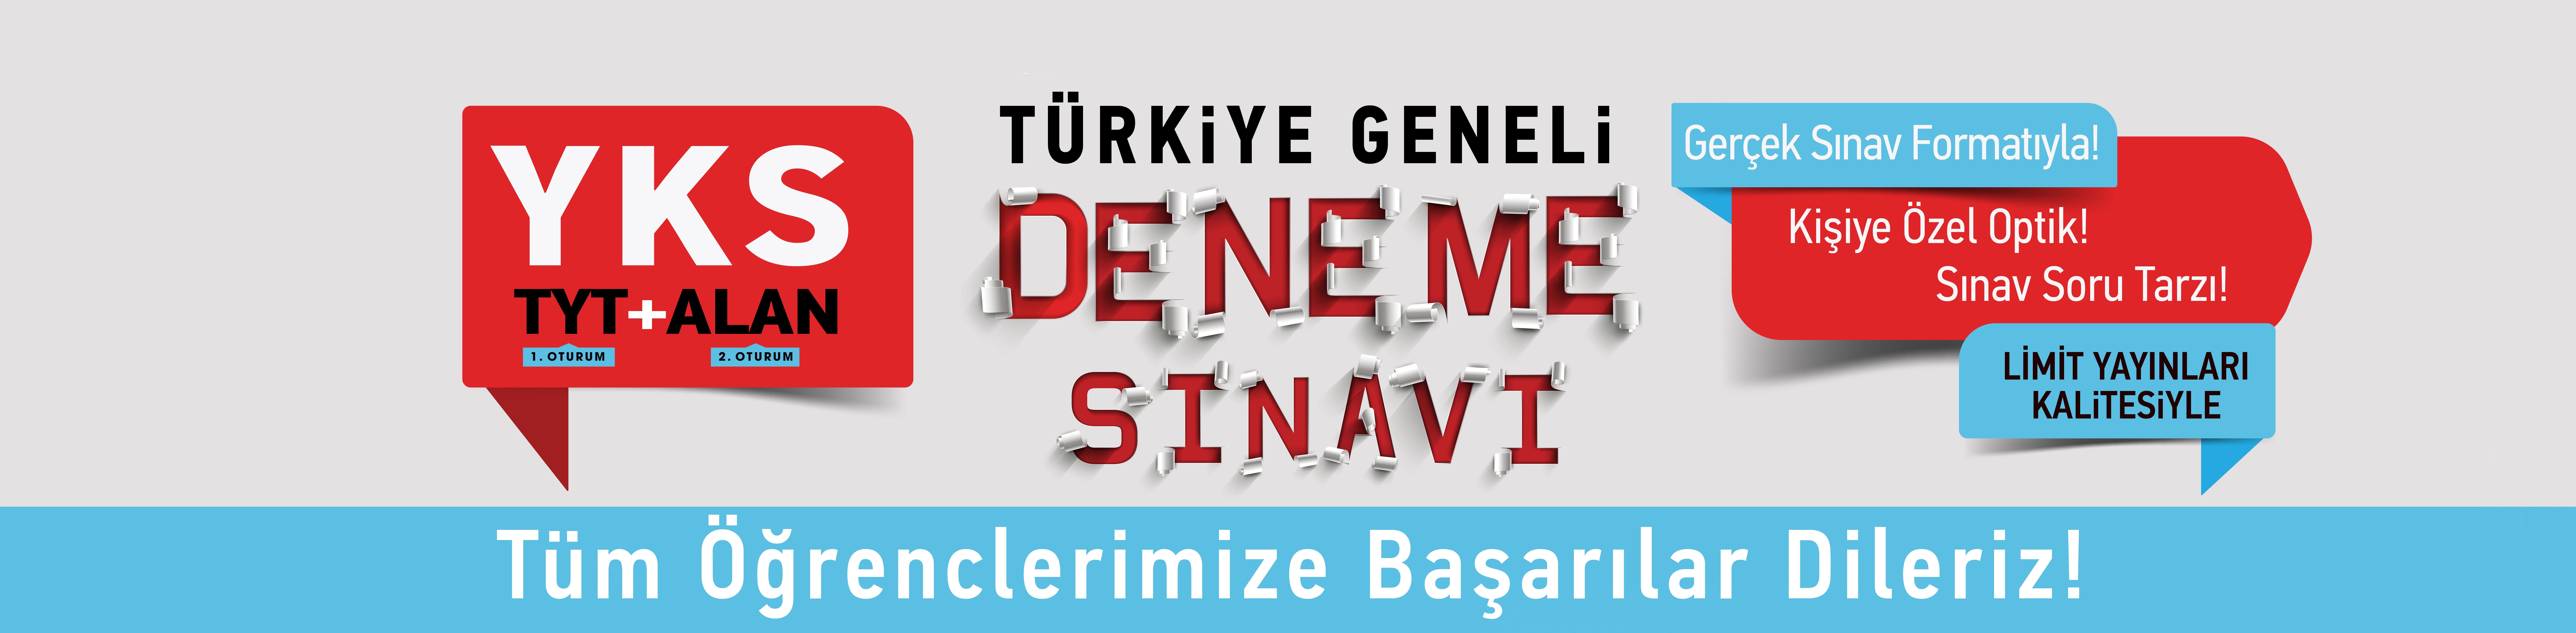 Limit Yayınları Türkiye Geneli Deneme Sınavı Afişi